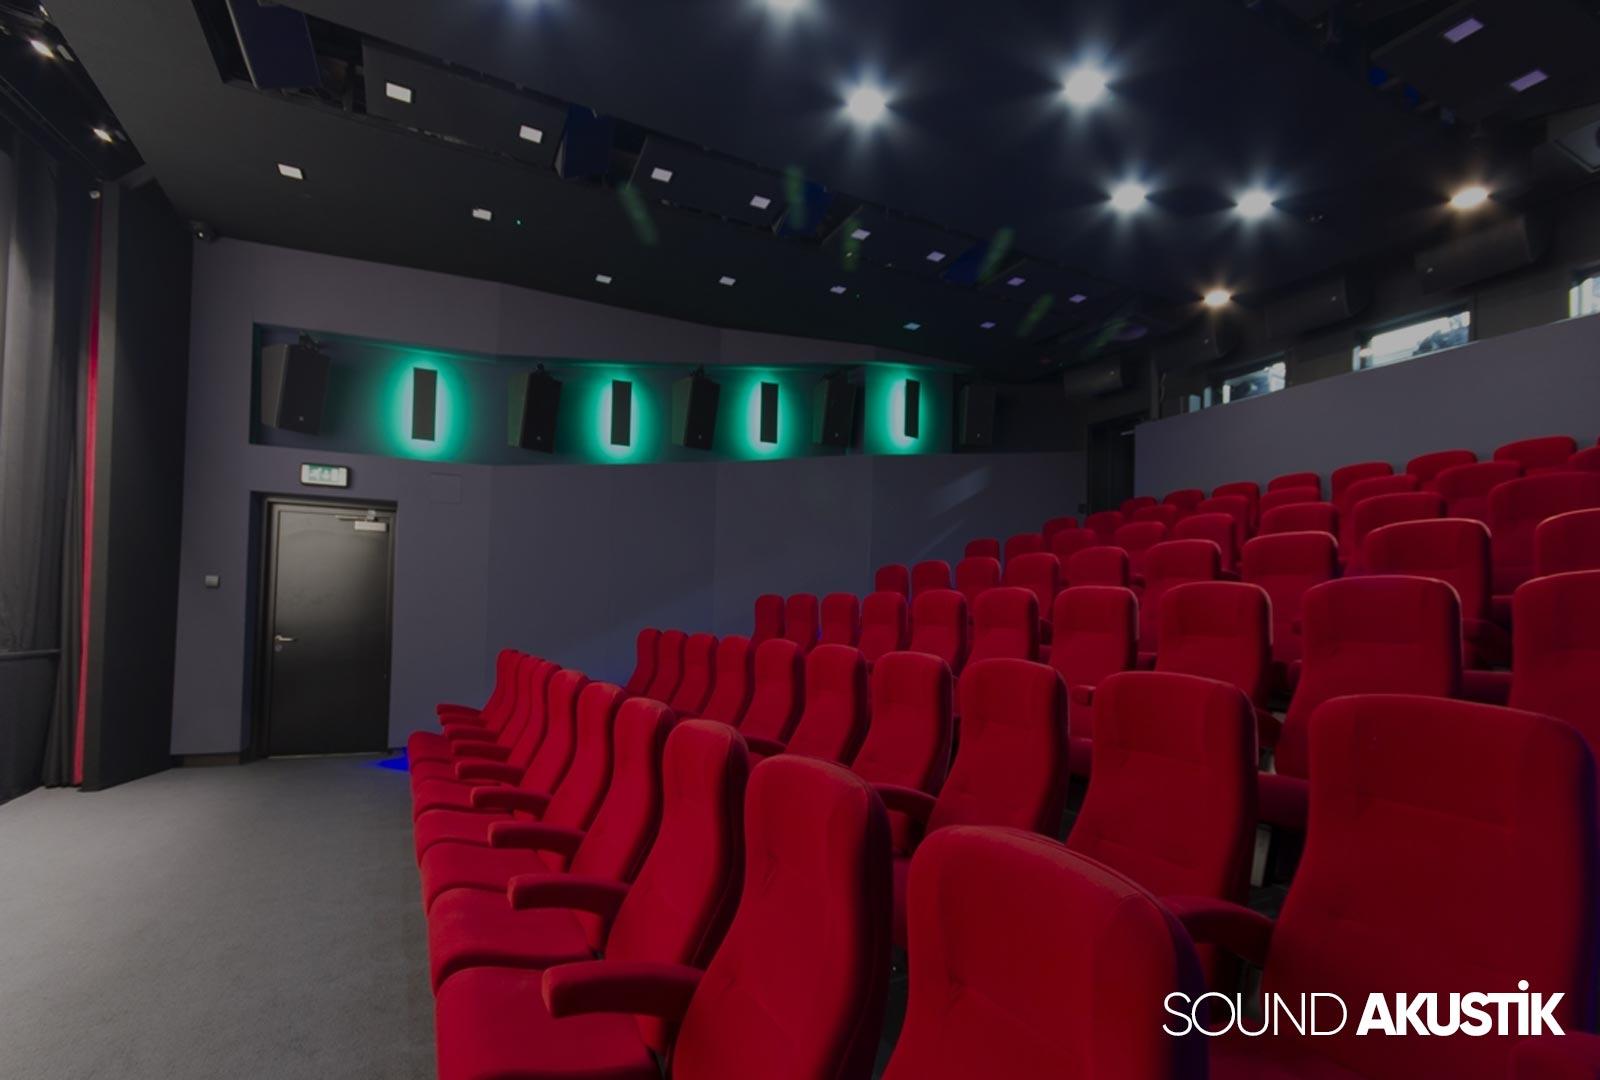 konferans salonu akustiği